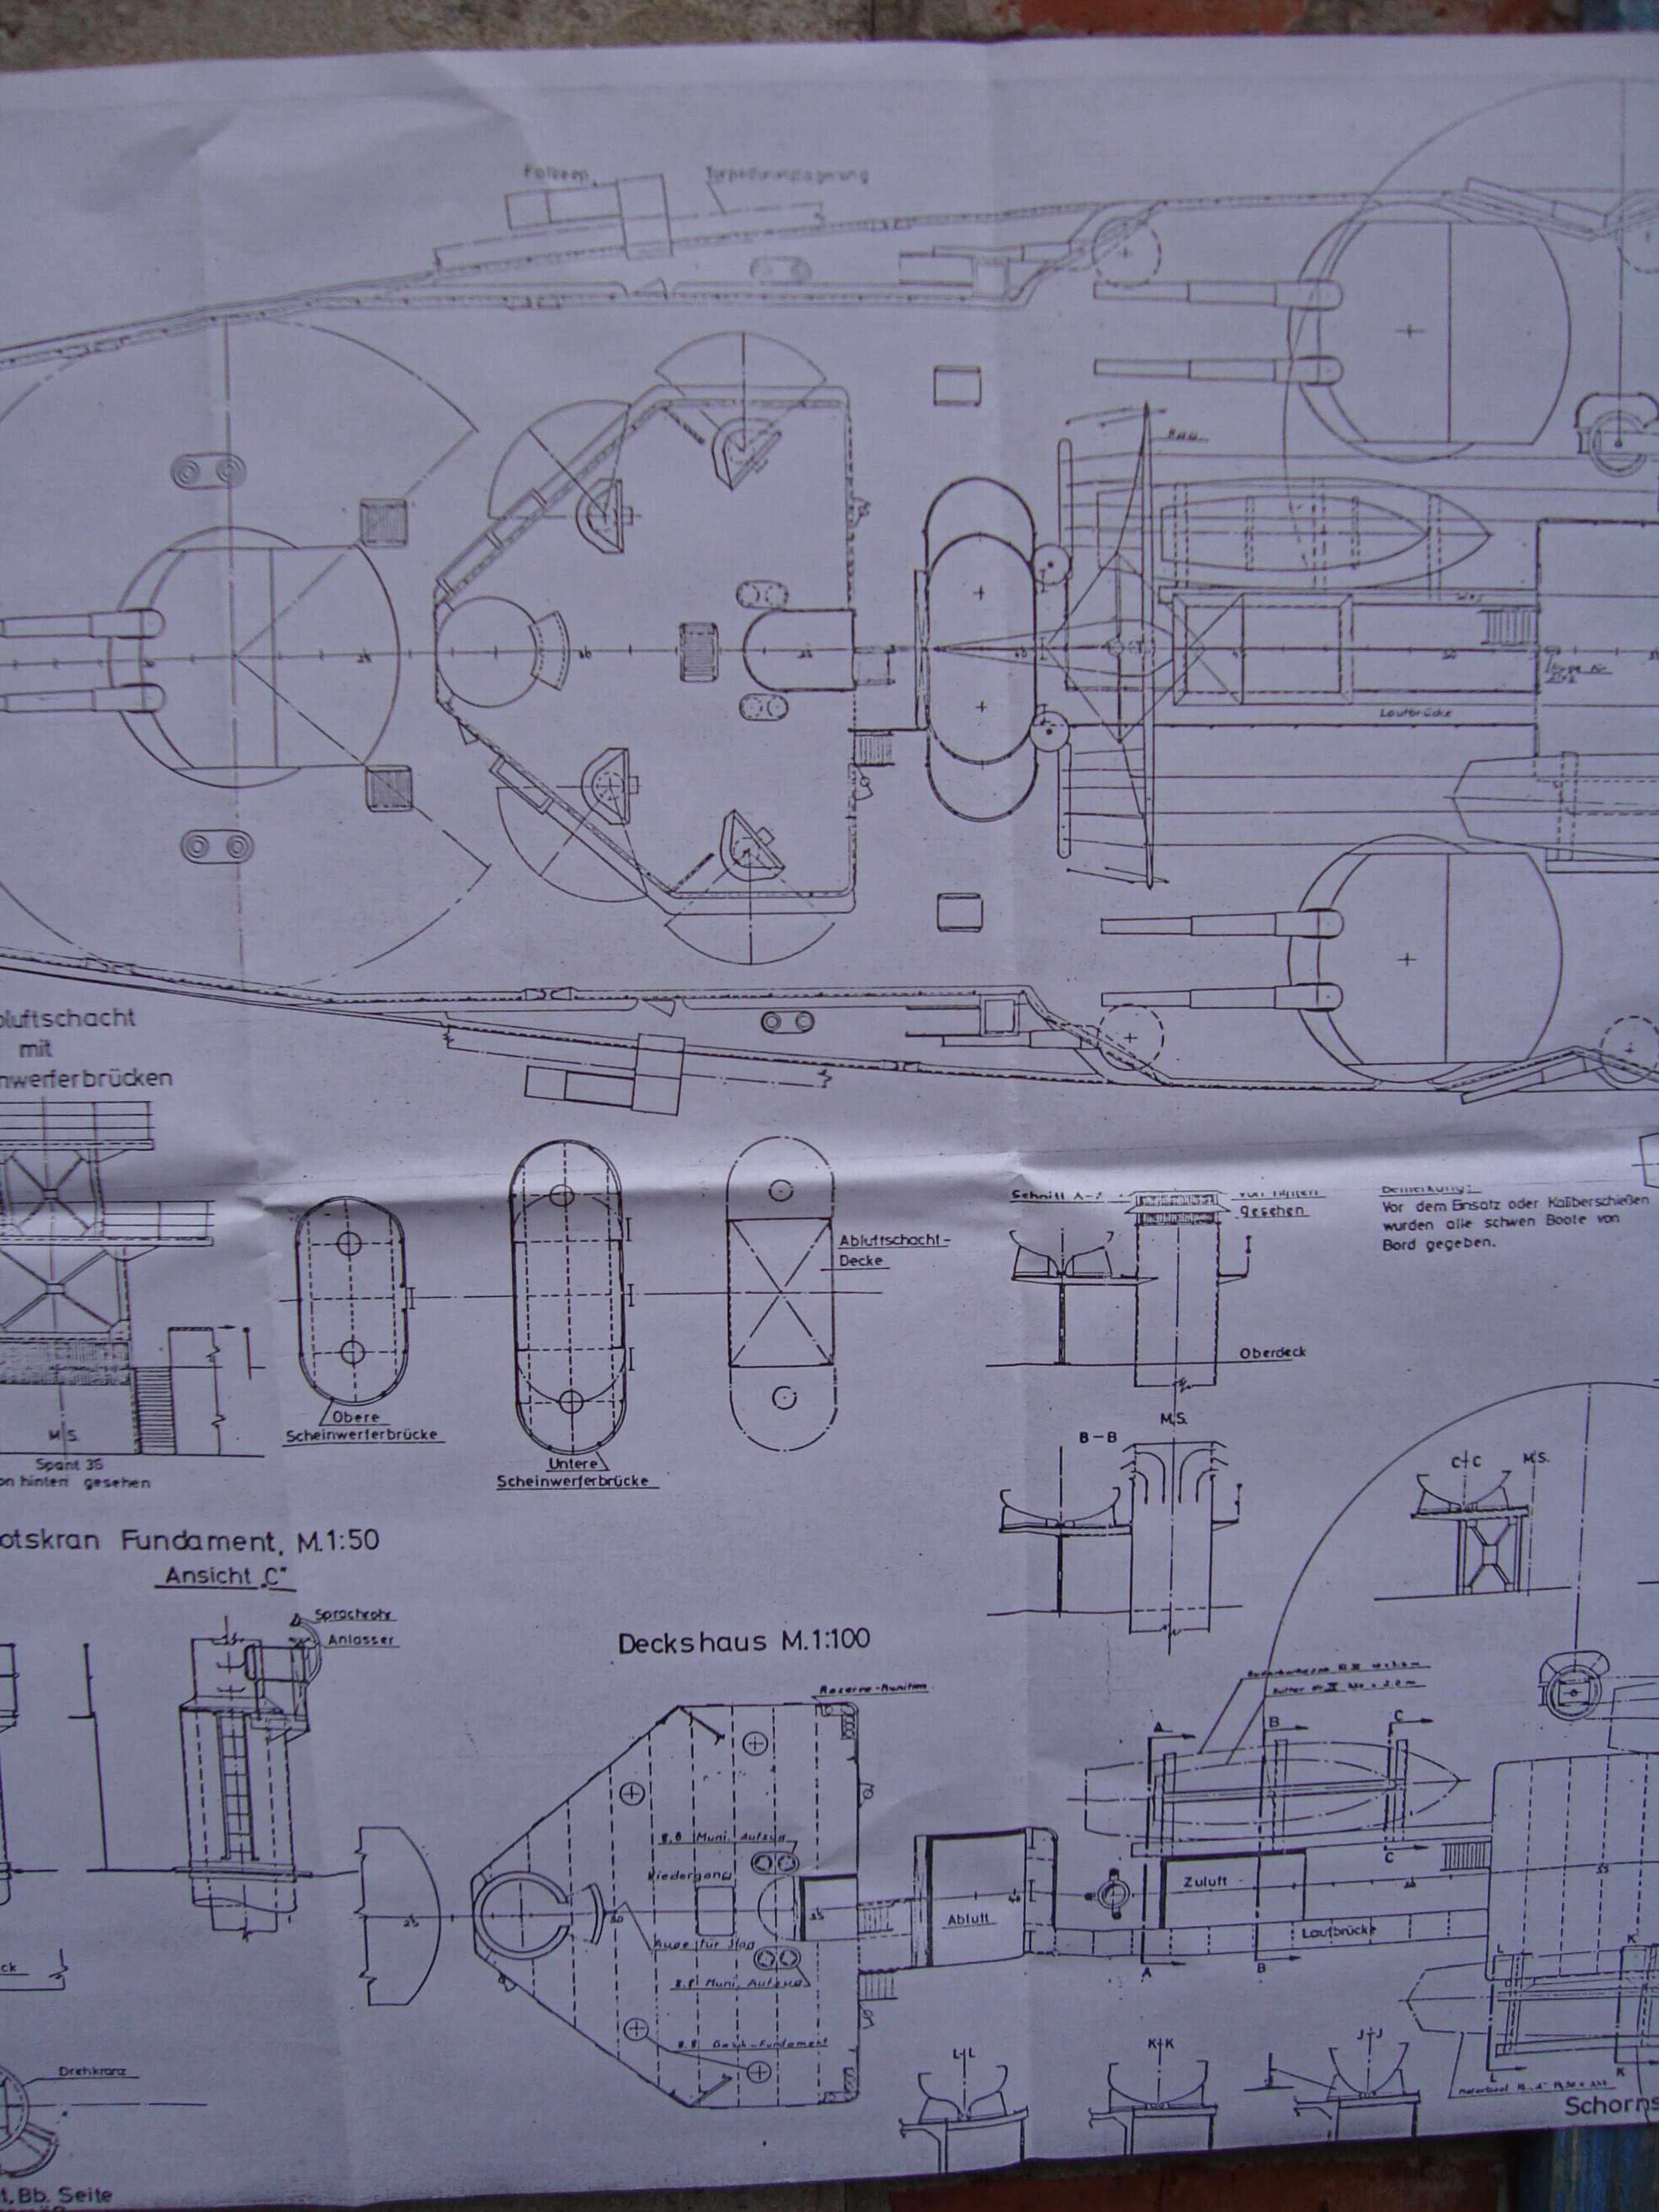 DSC00724_thumb.jpg